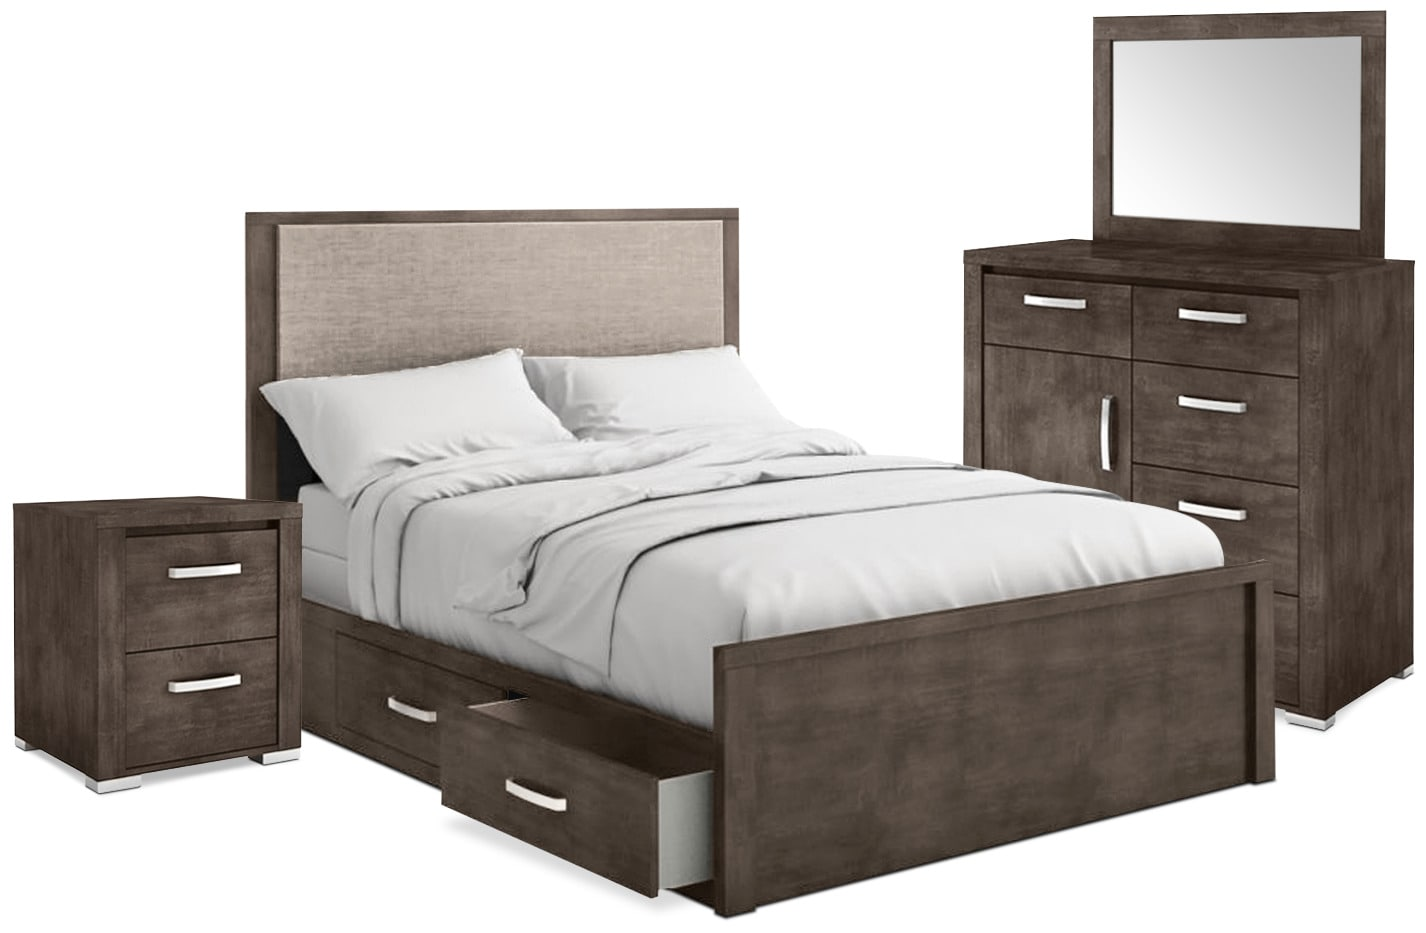 Chambre à coucher - Ensemble de chambre à coucher Monaco 6 pièces avec très grand lit de rangement - anthracite